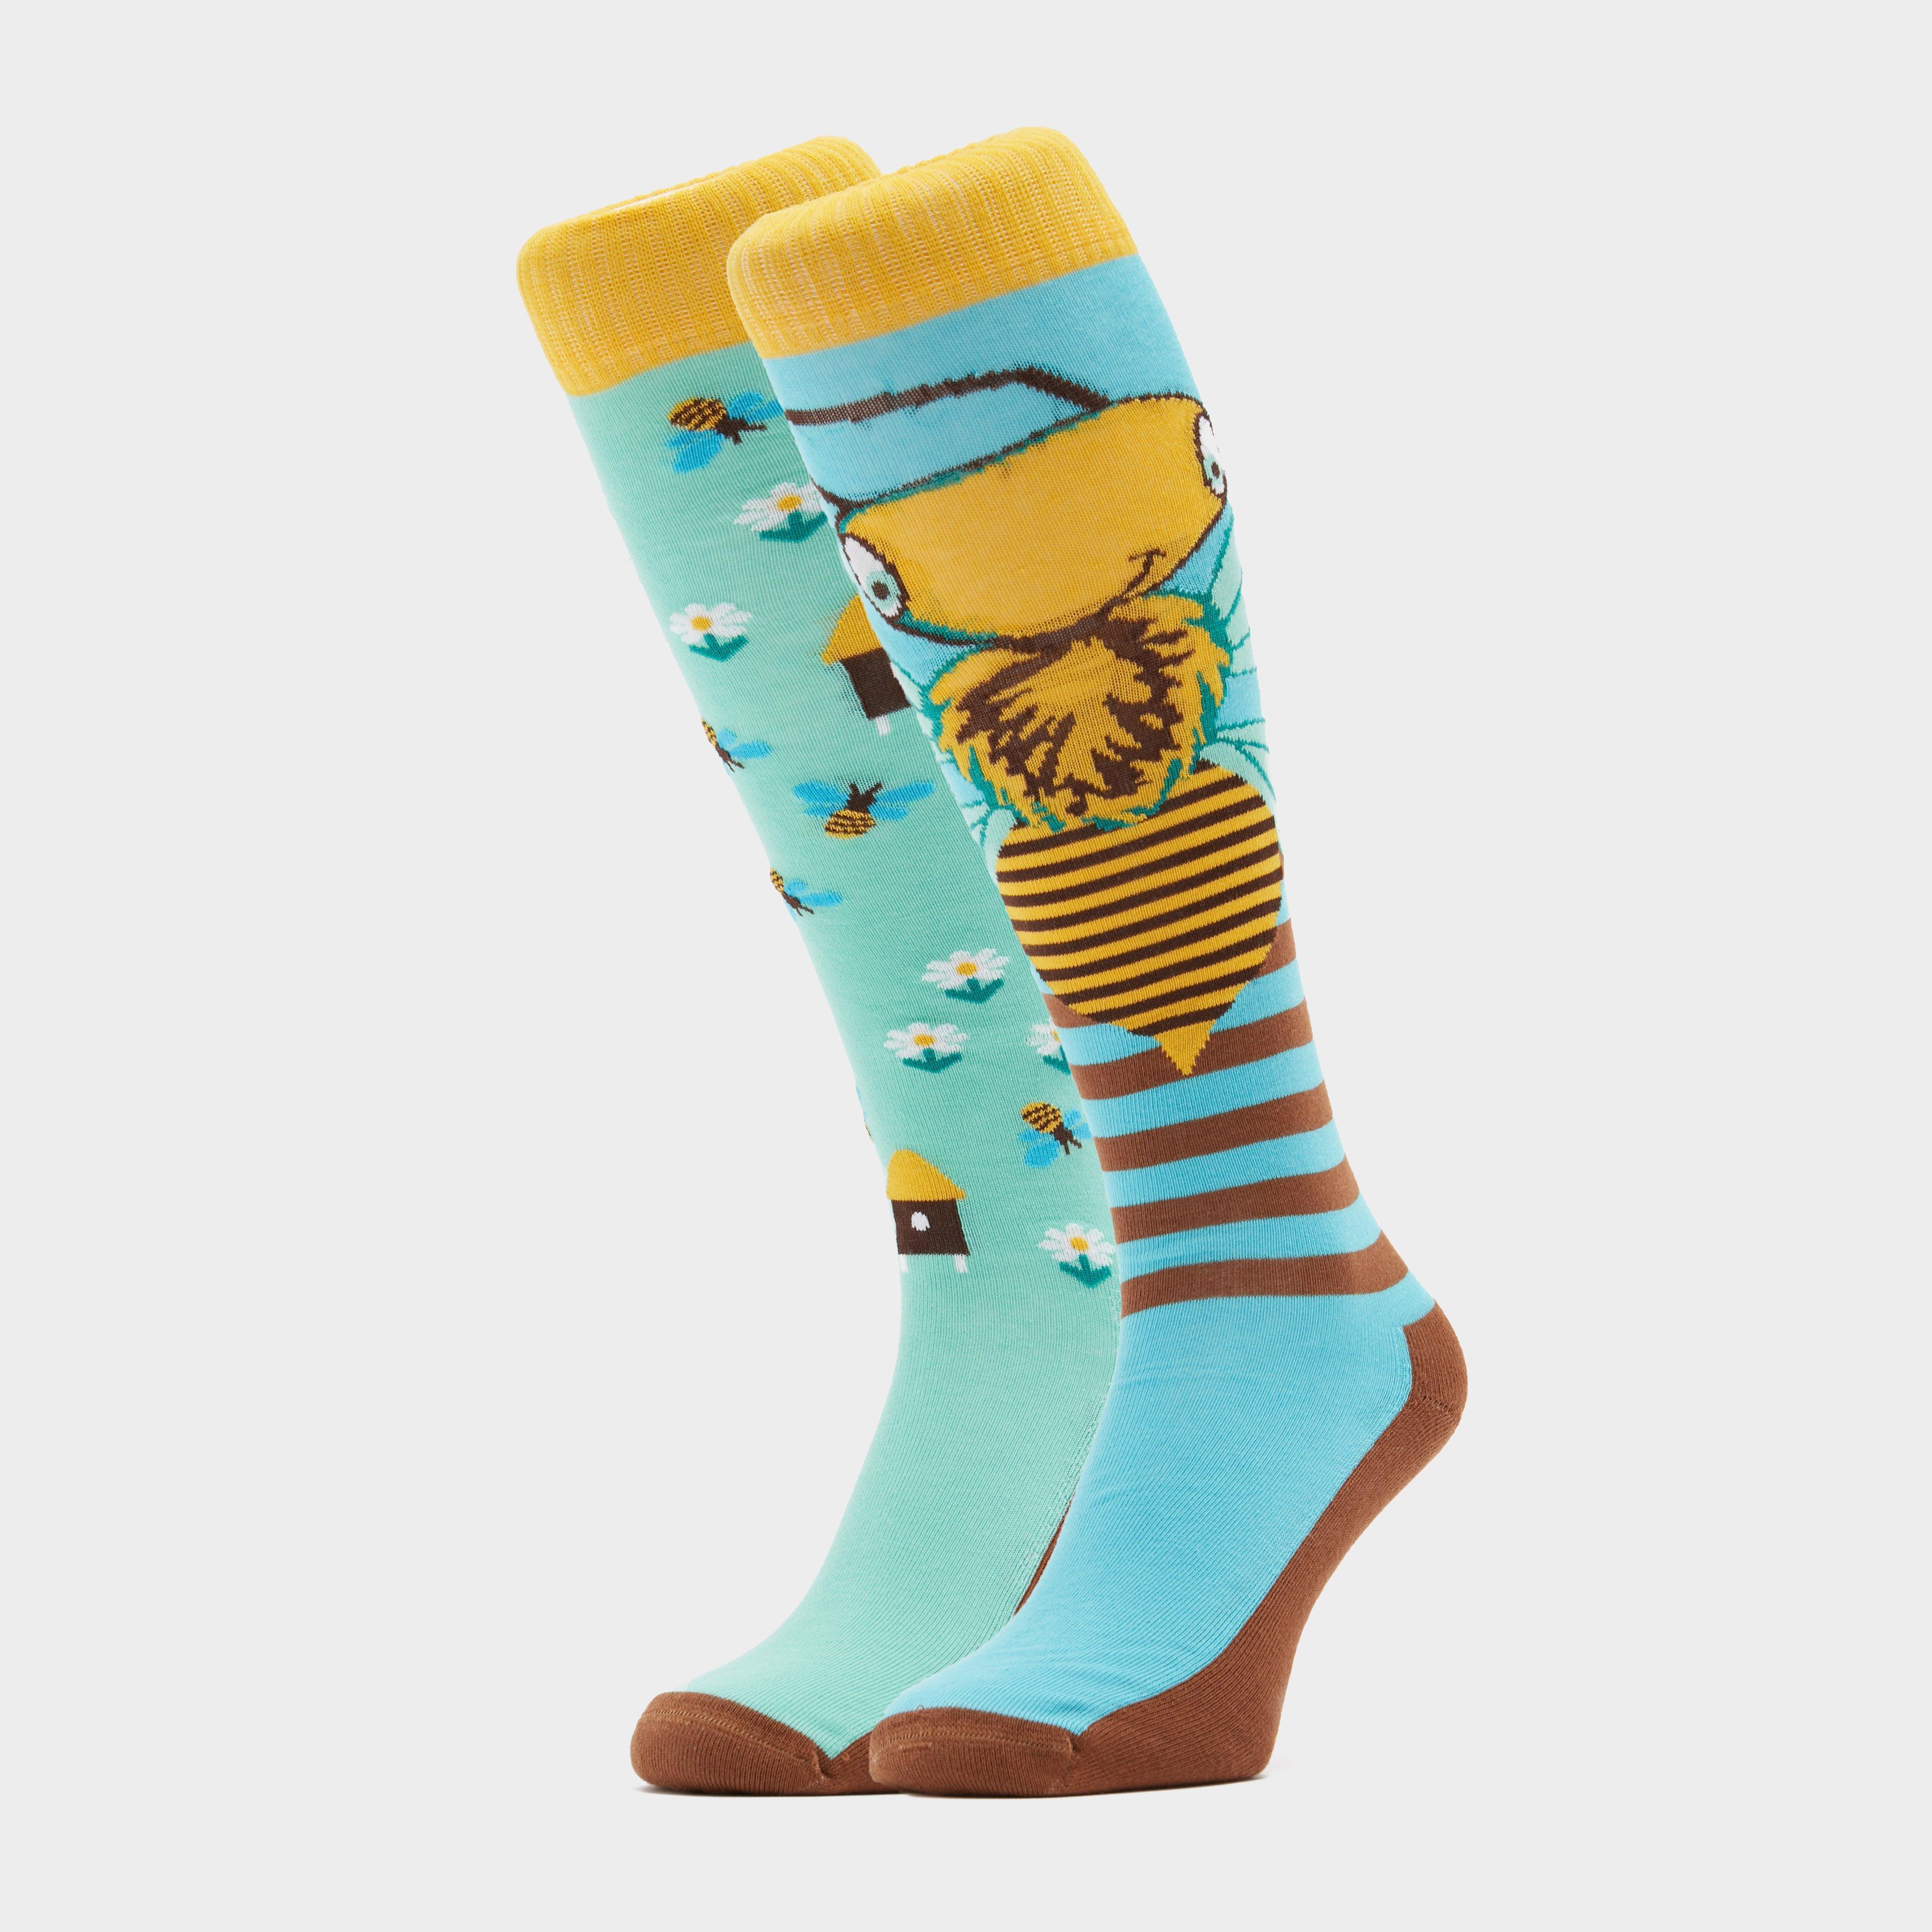 Image of Comodo Unisex Adult Novelty Riding Socks - Assorted/Assorted, ASSORTED/ASSORTED